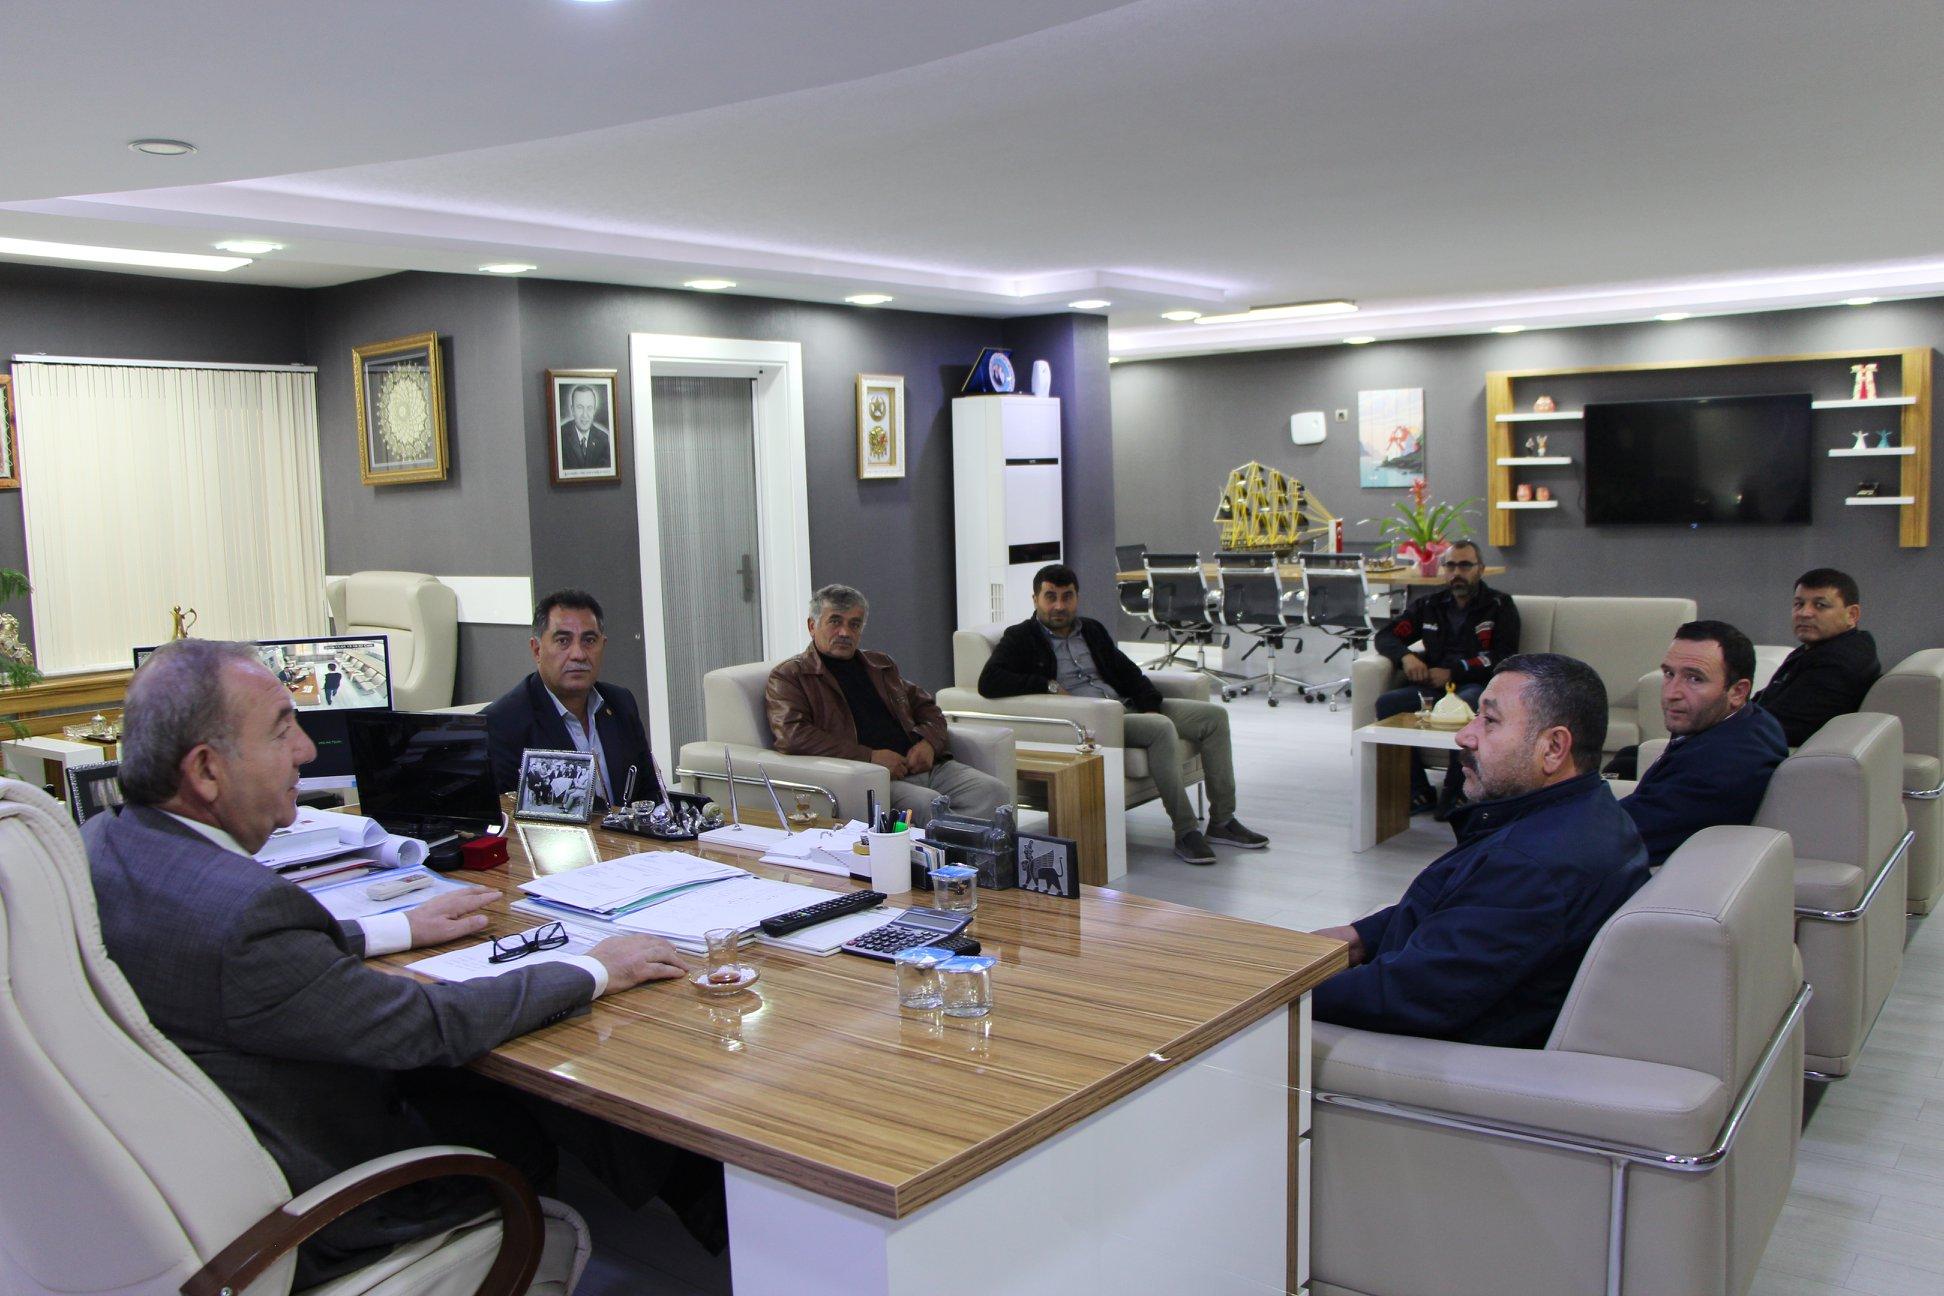 Sungurlu Madeni Sanatkarlar Odası Başkanı ve yöneticileri Sungurlu Belediye Başkanı Abdulkadir Şahiner'i makamında ziyaret ederek, desteklerinden dolayı teşekkür etti. | Sungurlu Haber